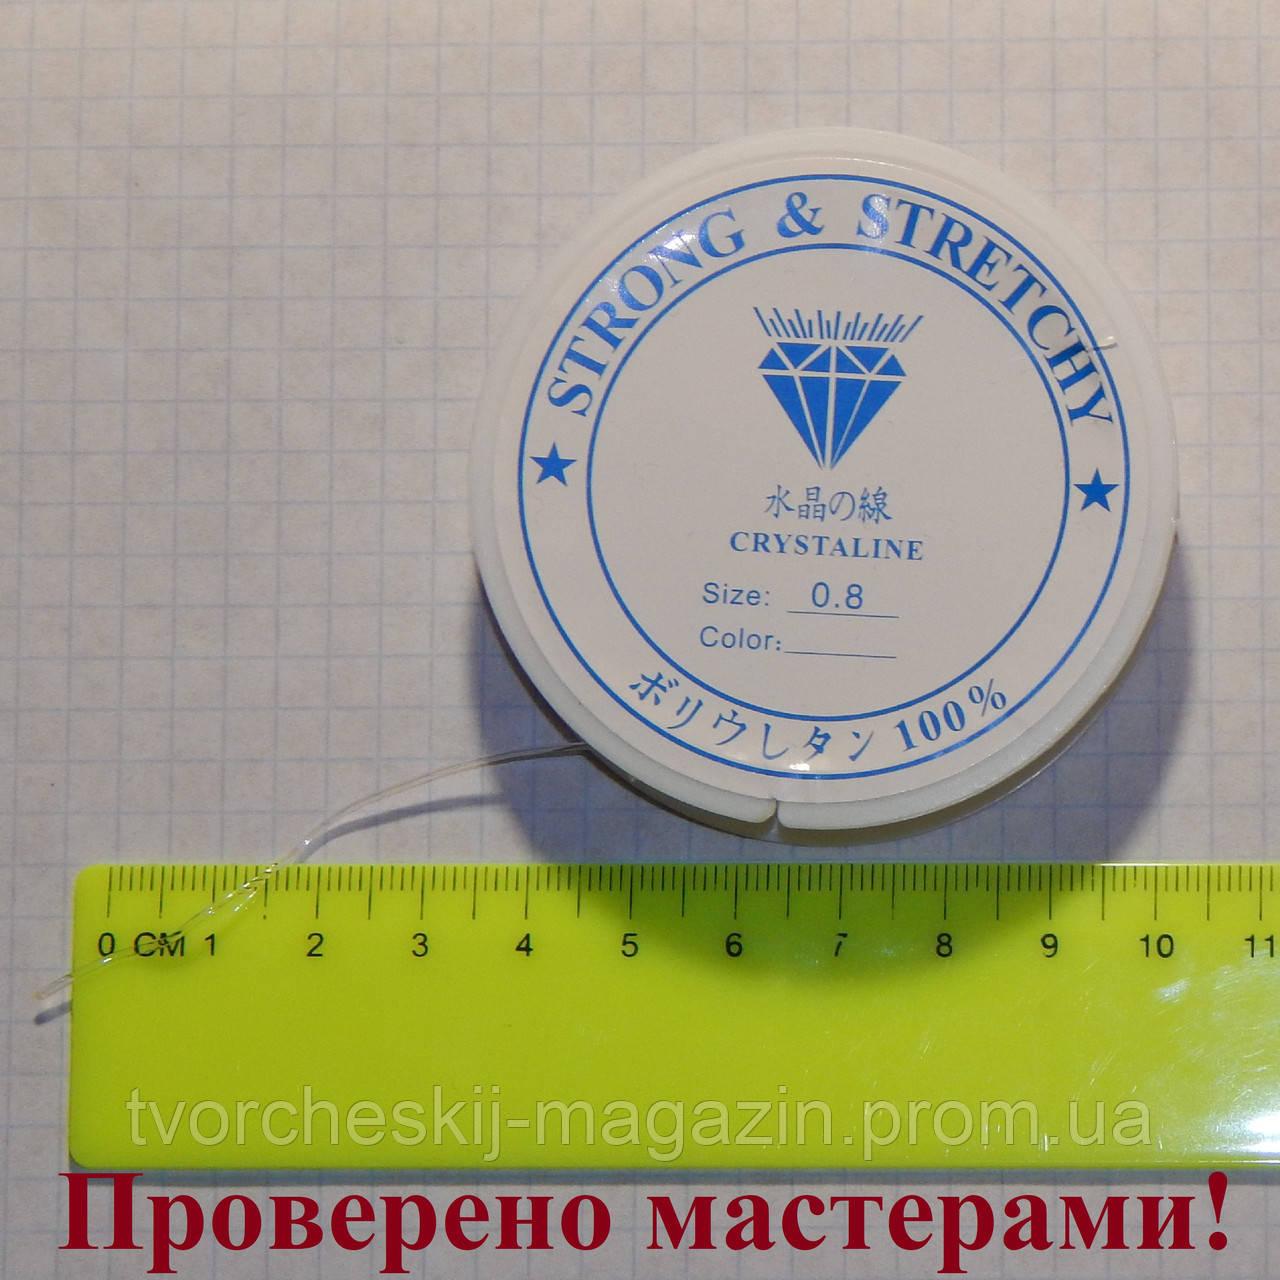 Нить силиконовая прозрачная эластичная (тянется) 0,8 мм